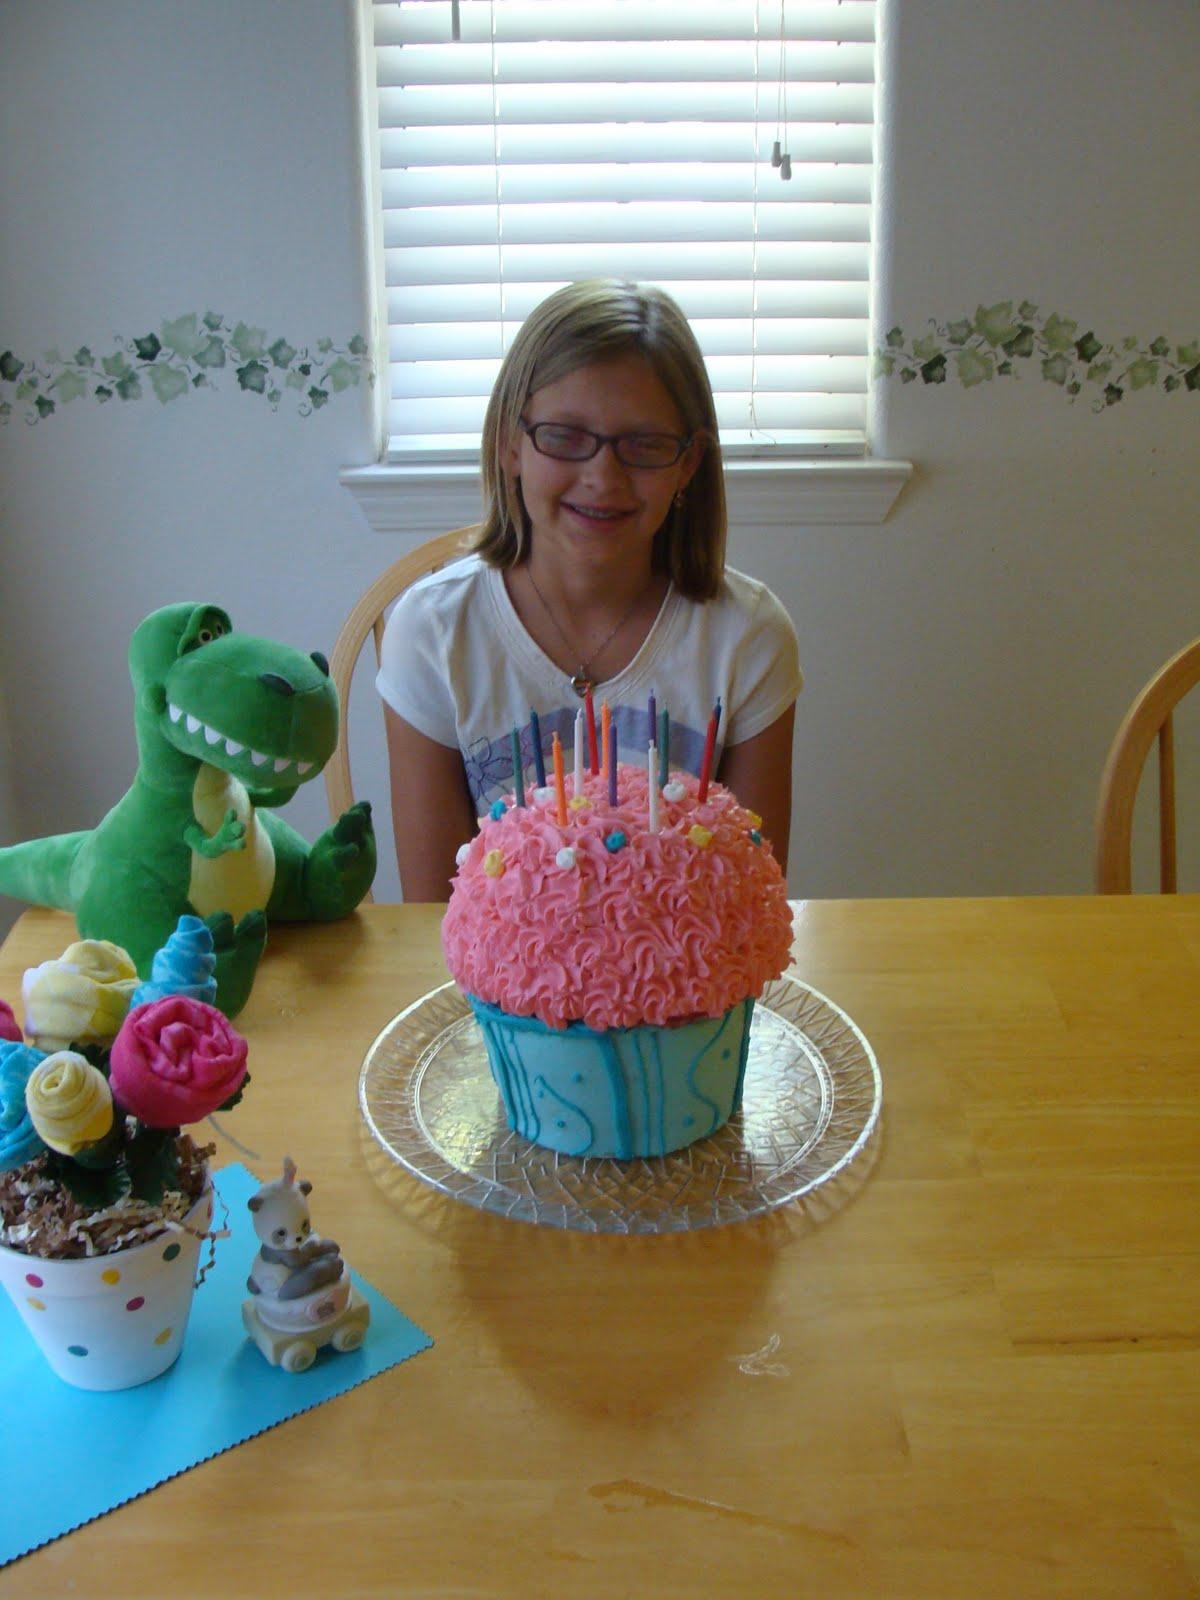 Happy Birthday Teresa Vacation Cake